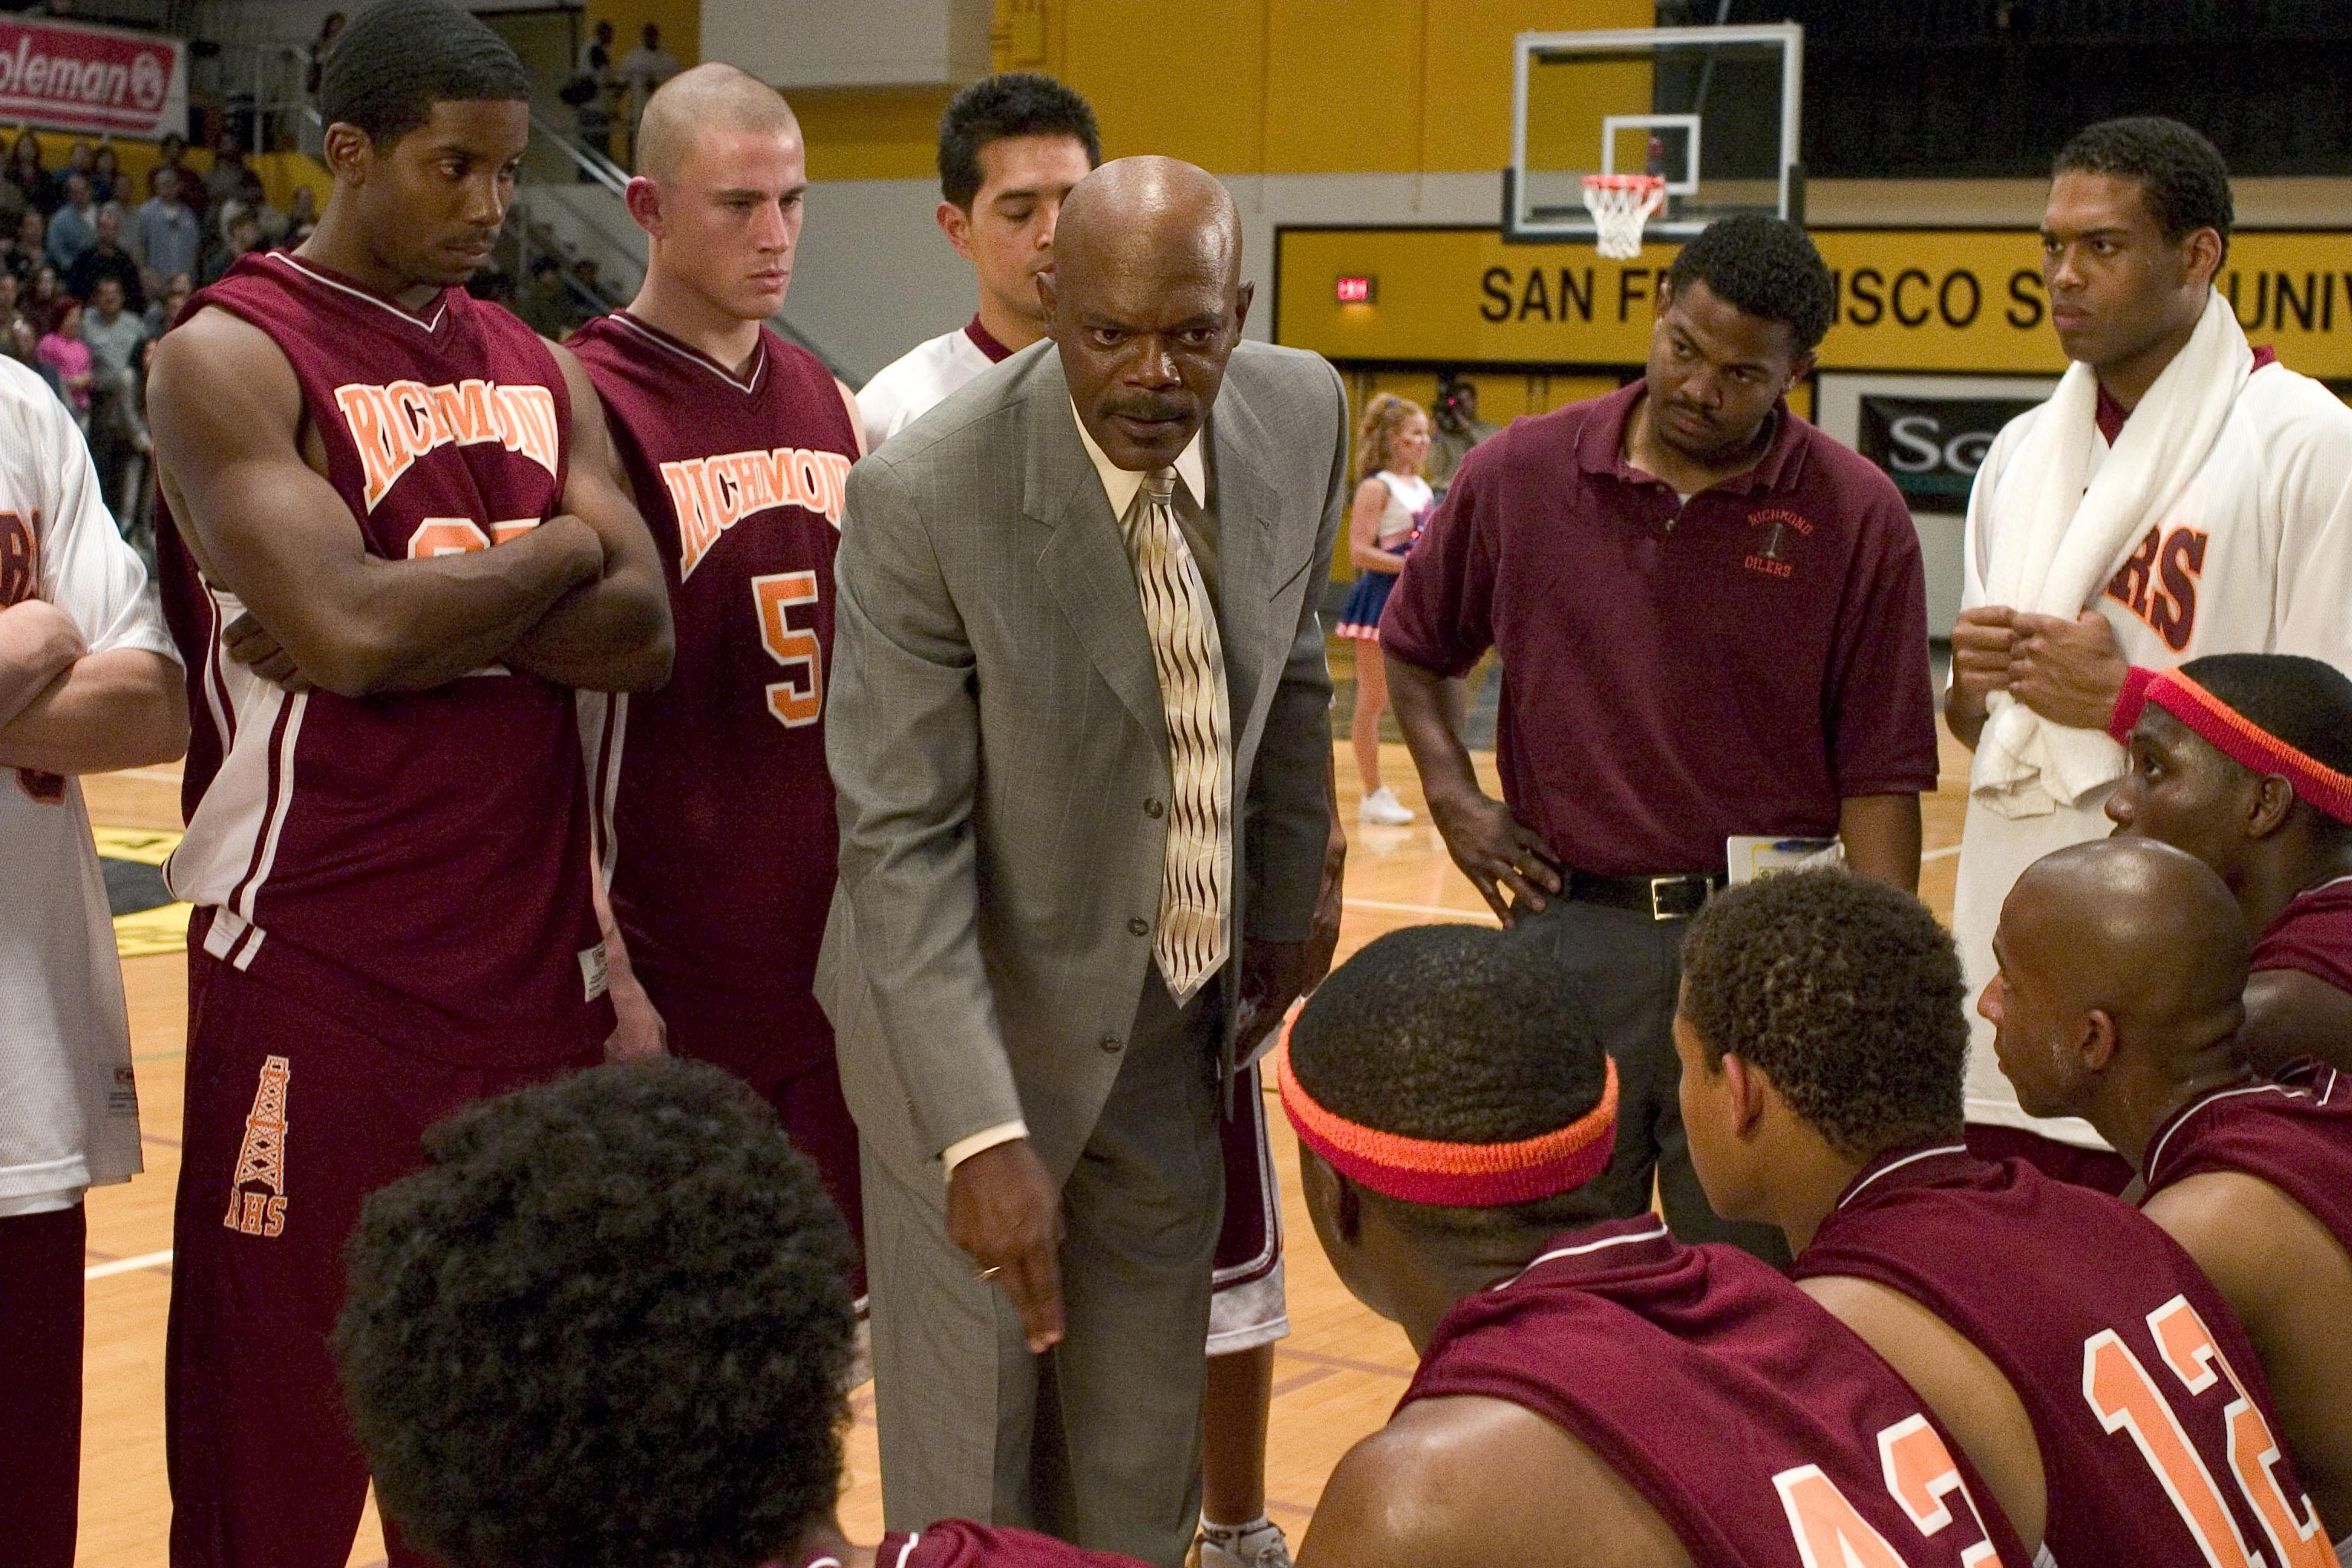 Channing Tatum, Samuel L. Jackson, Texas Battle, Coach Carter